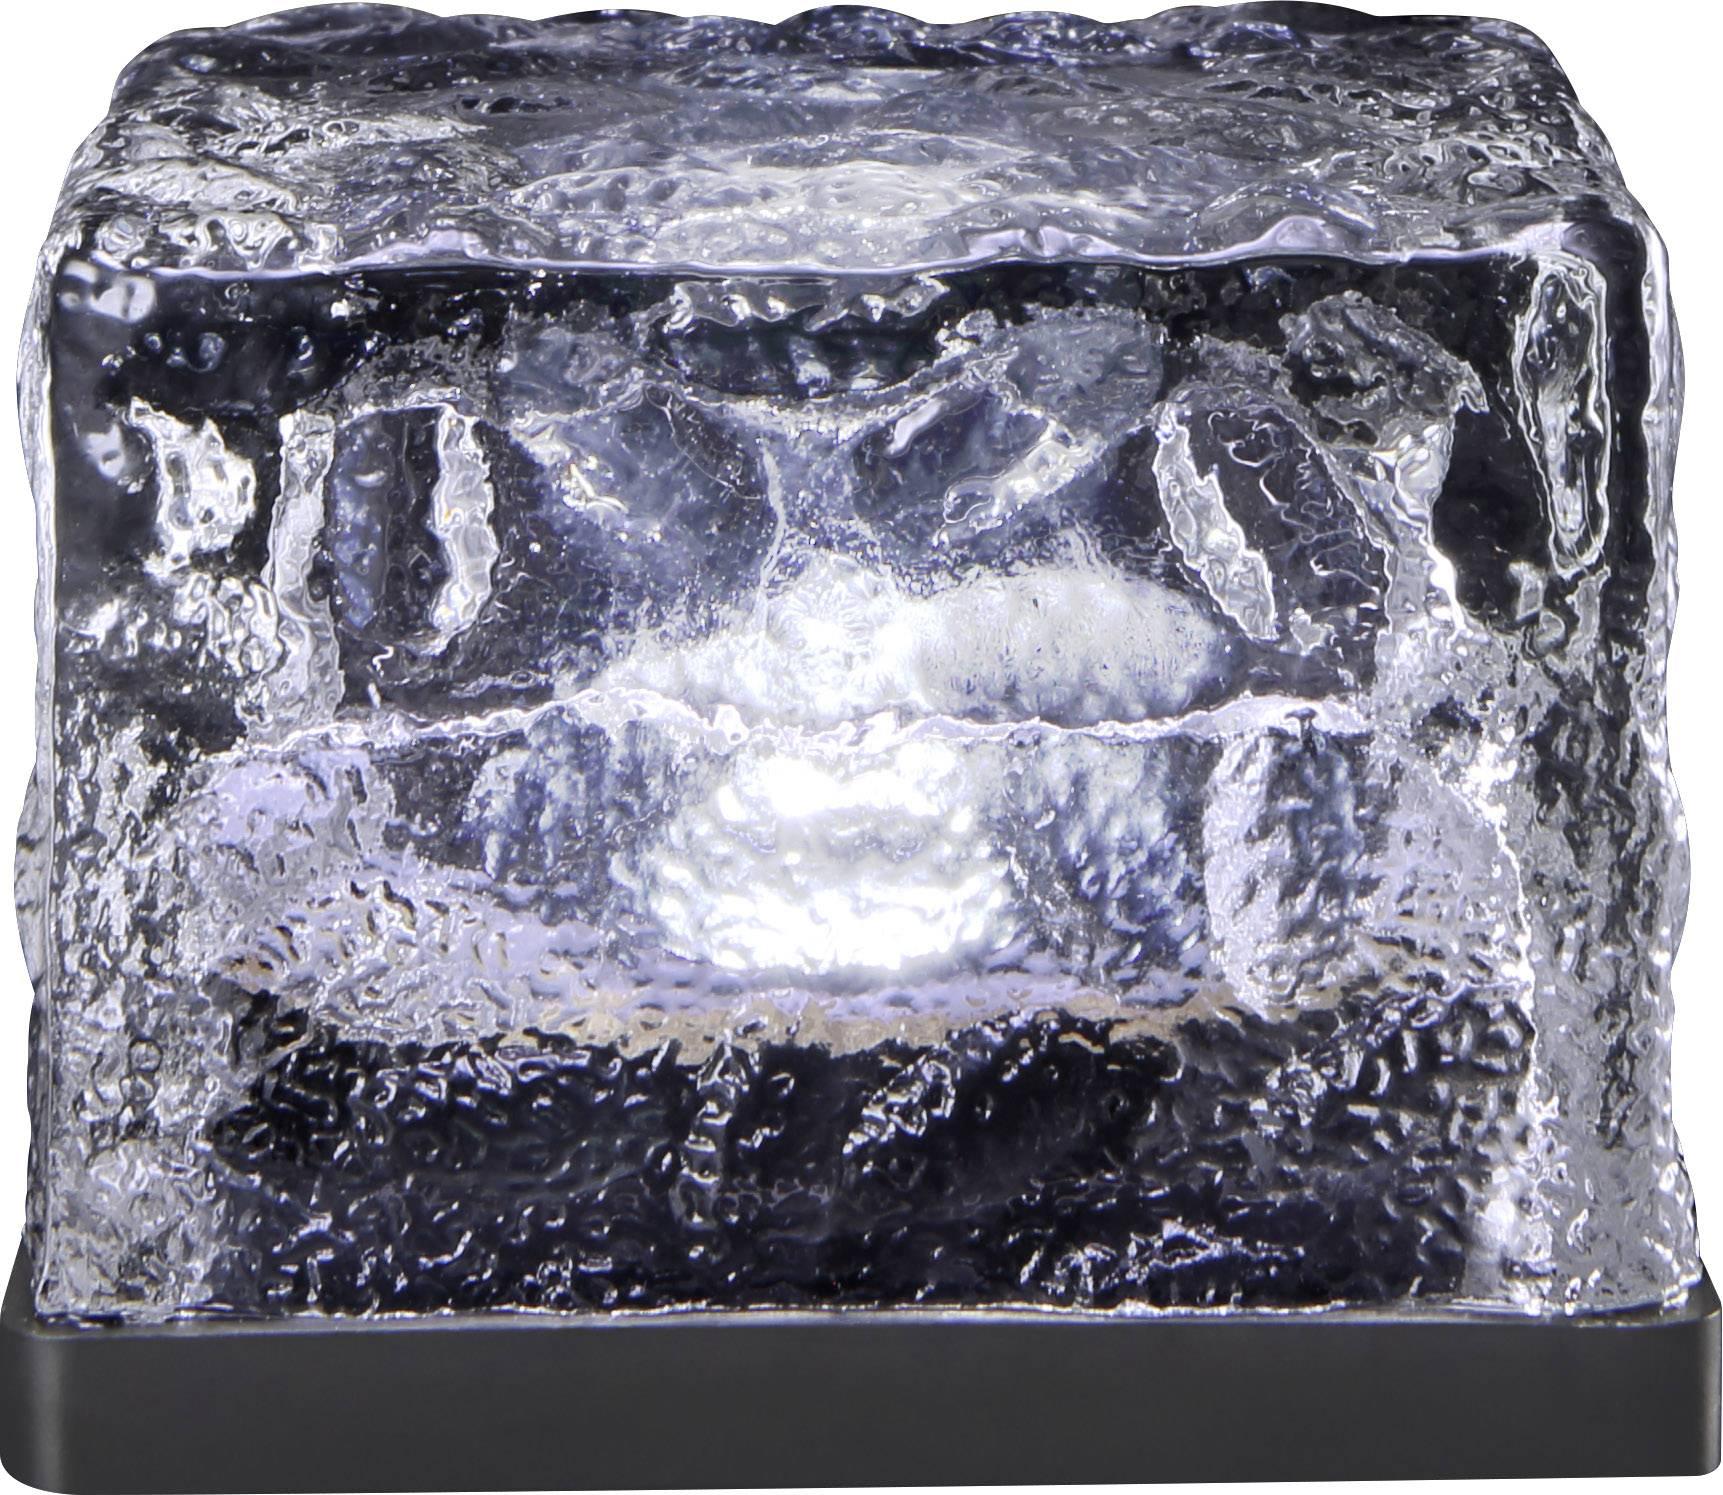 LED solární dekorativní osvětlení – kostka ledu Polarlite 0.08 W, IP44, studená bílá